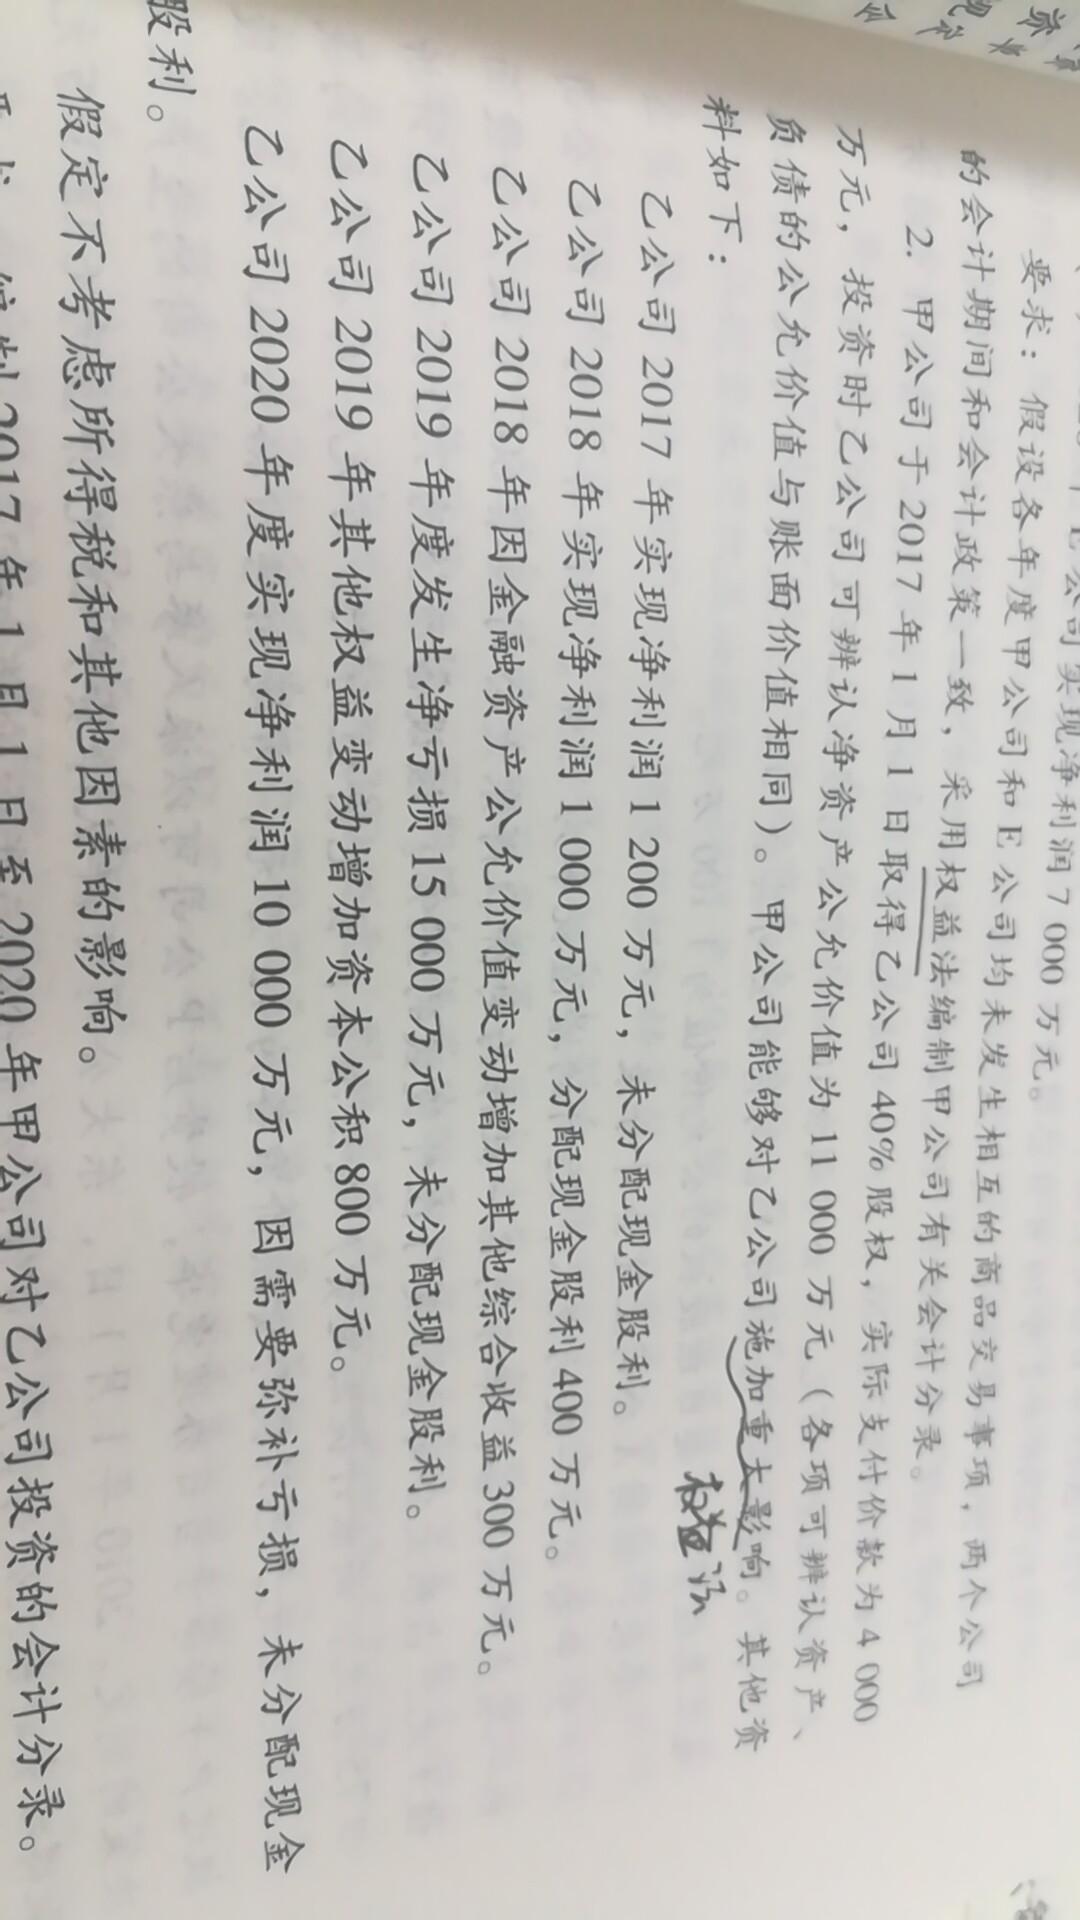 老师,可以帮我看一下最后一问的会计分录怎么写么